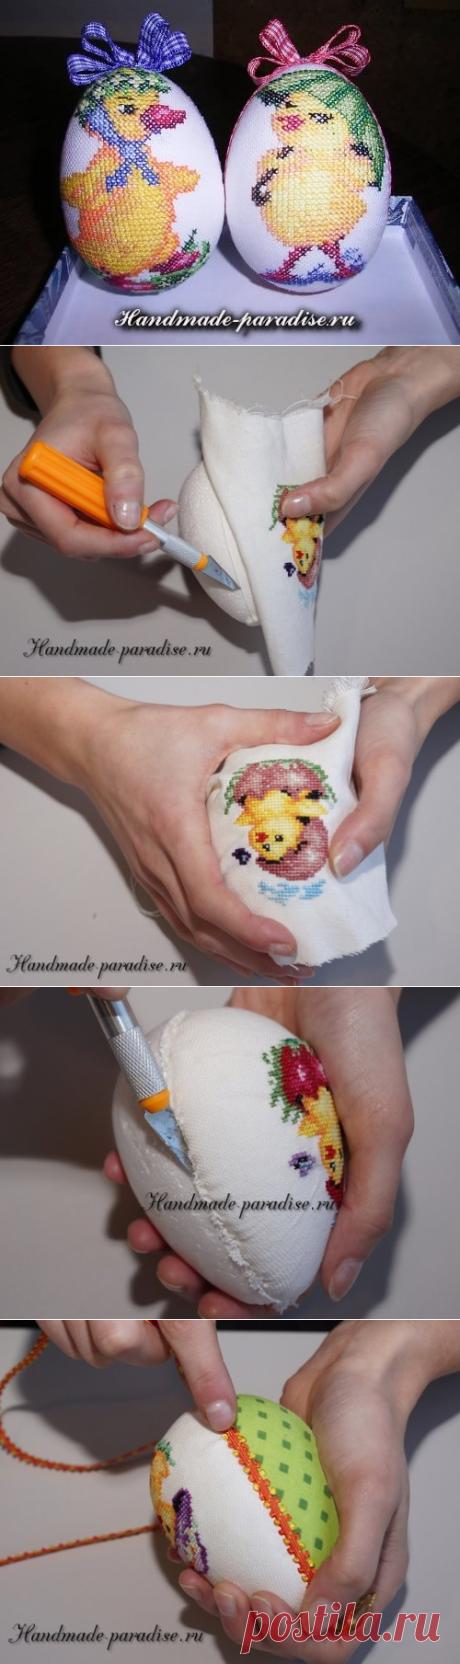 Веселые пасхальные яйца с вышивкой - Handmade-Paradise